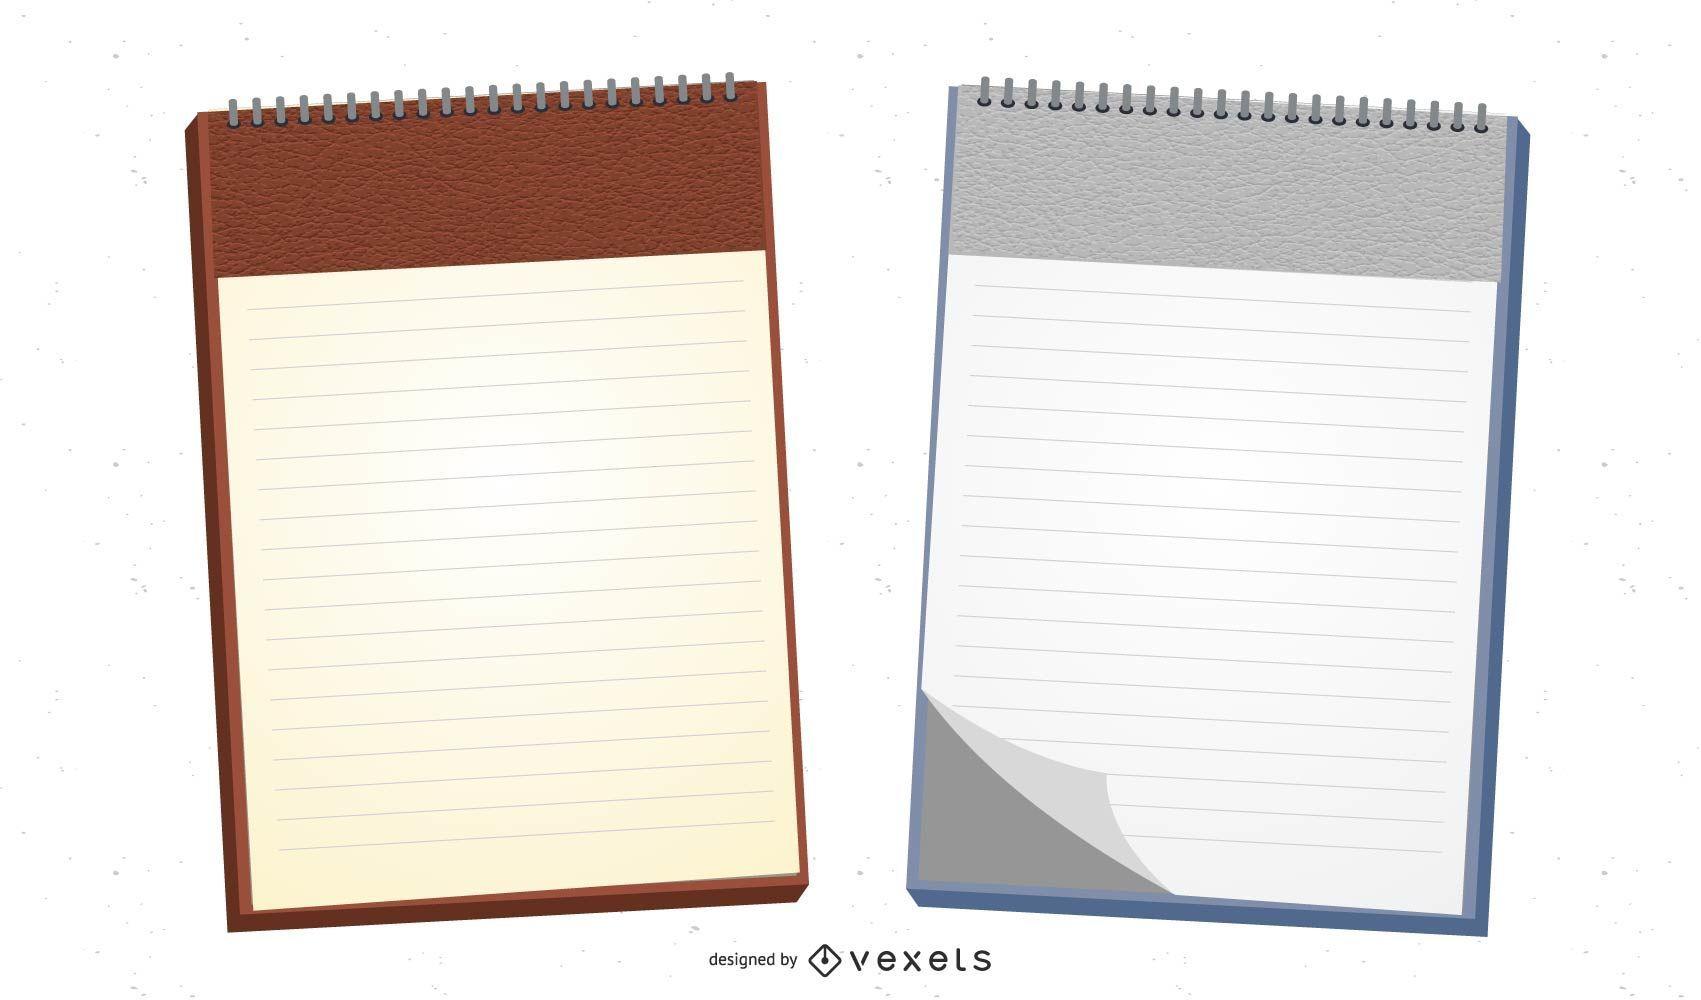 Papel de carta realista de encuadernación en espiral